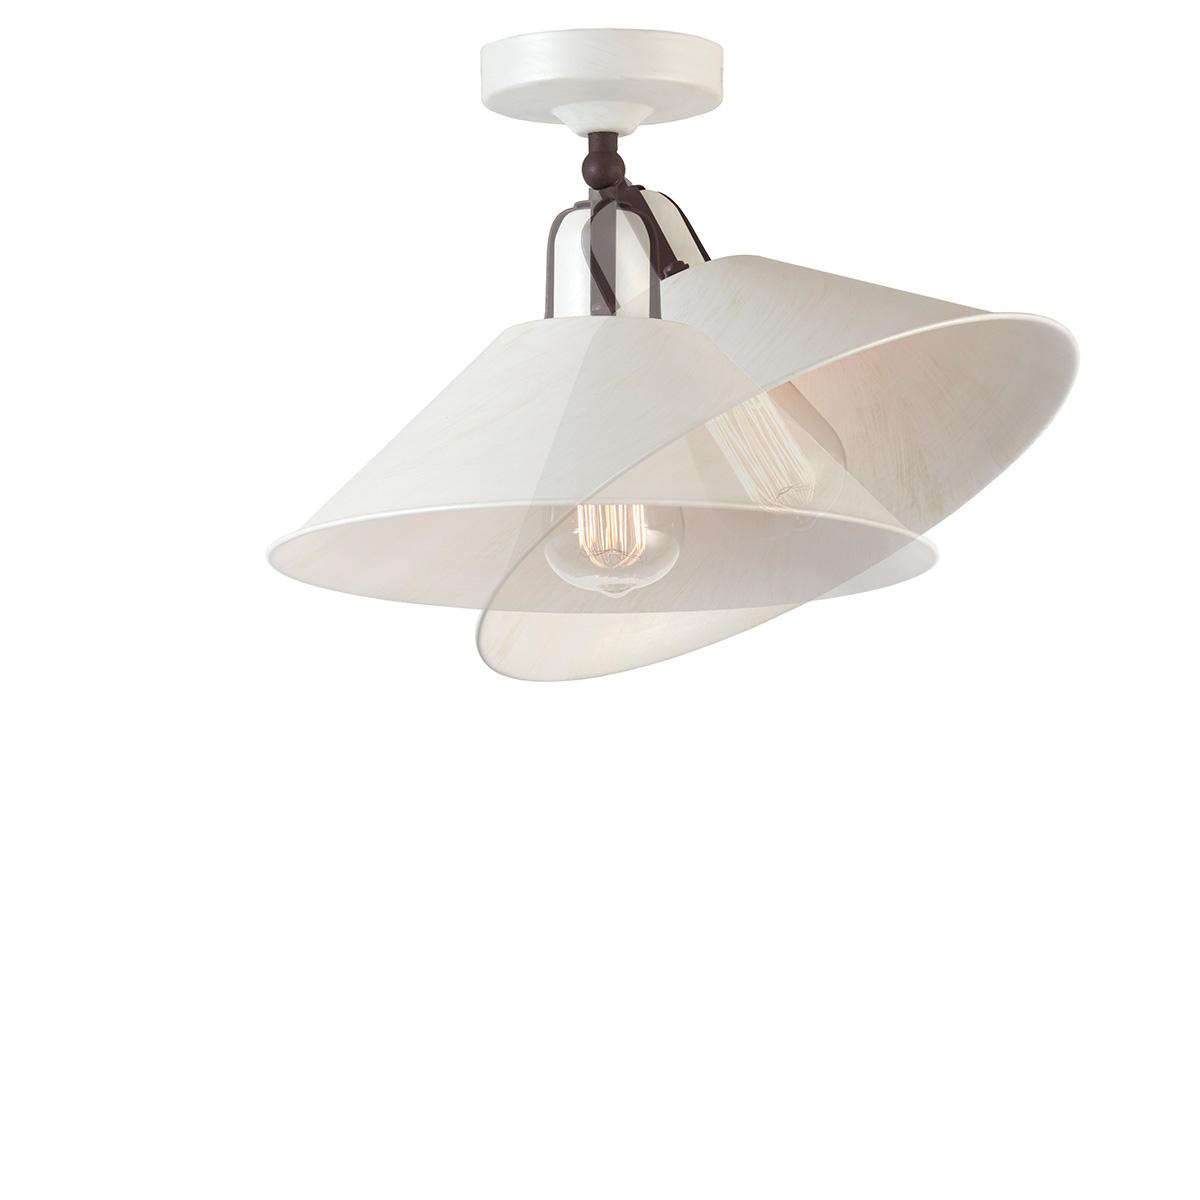 Φωτιστικό οροφής σπαστό ΜΗΛΟΣ ceilng lamp